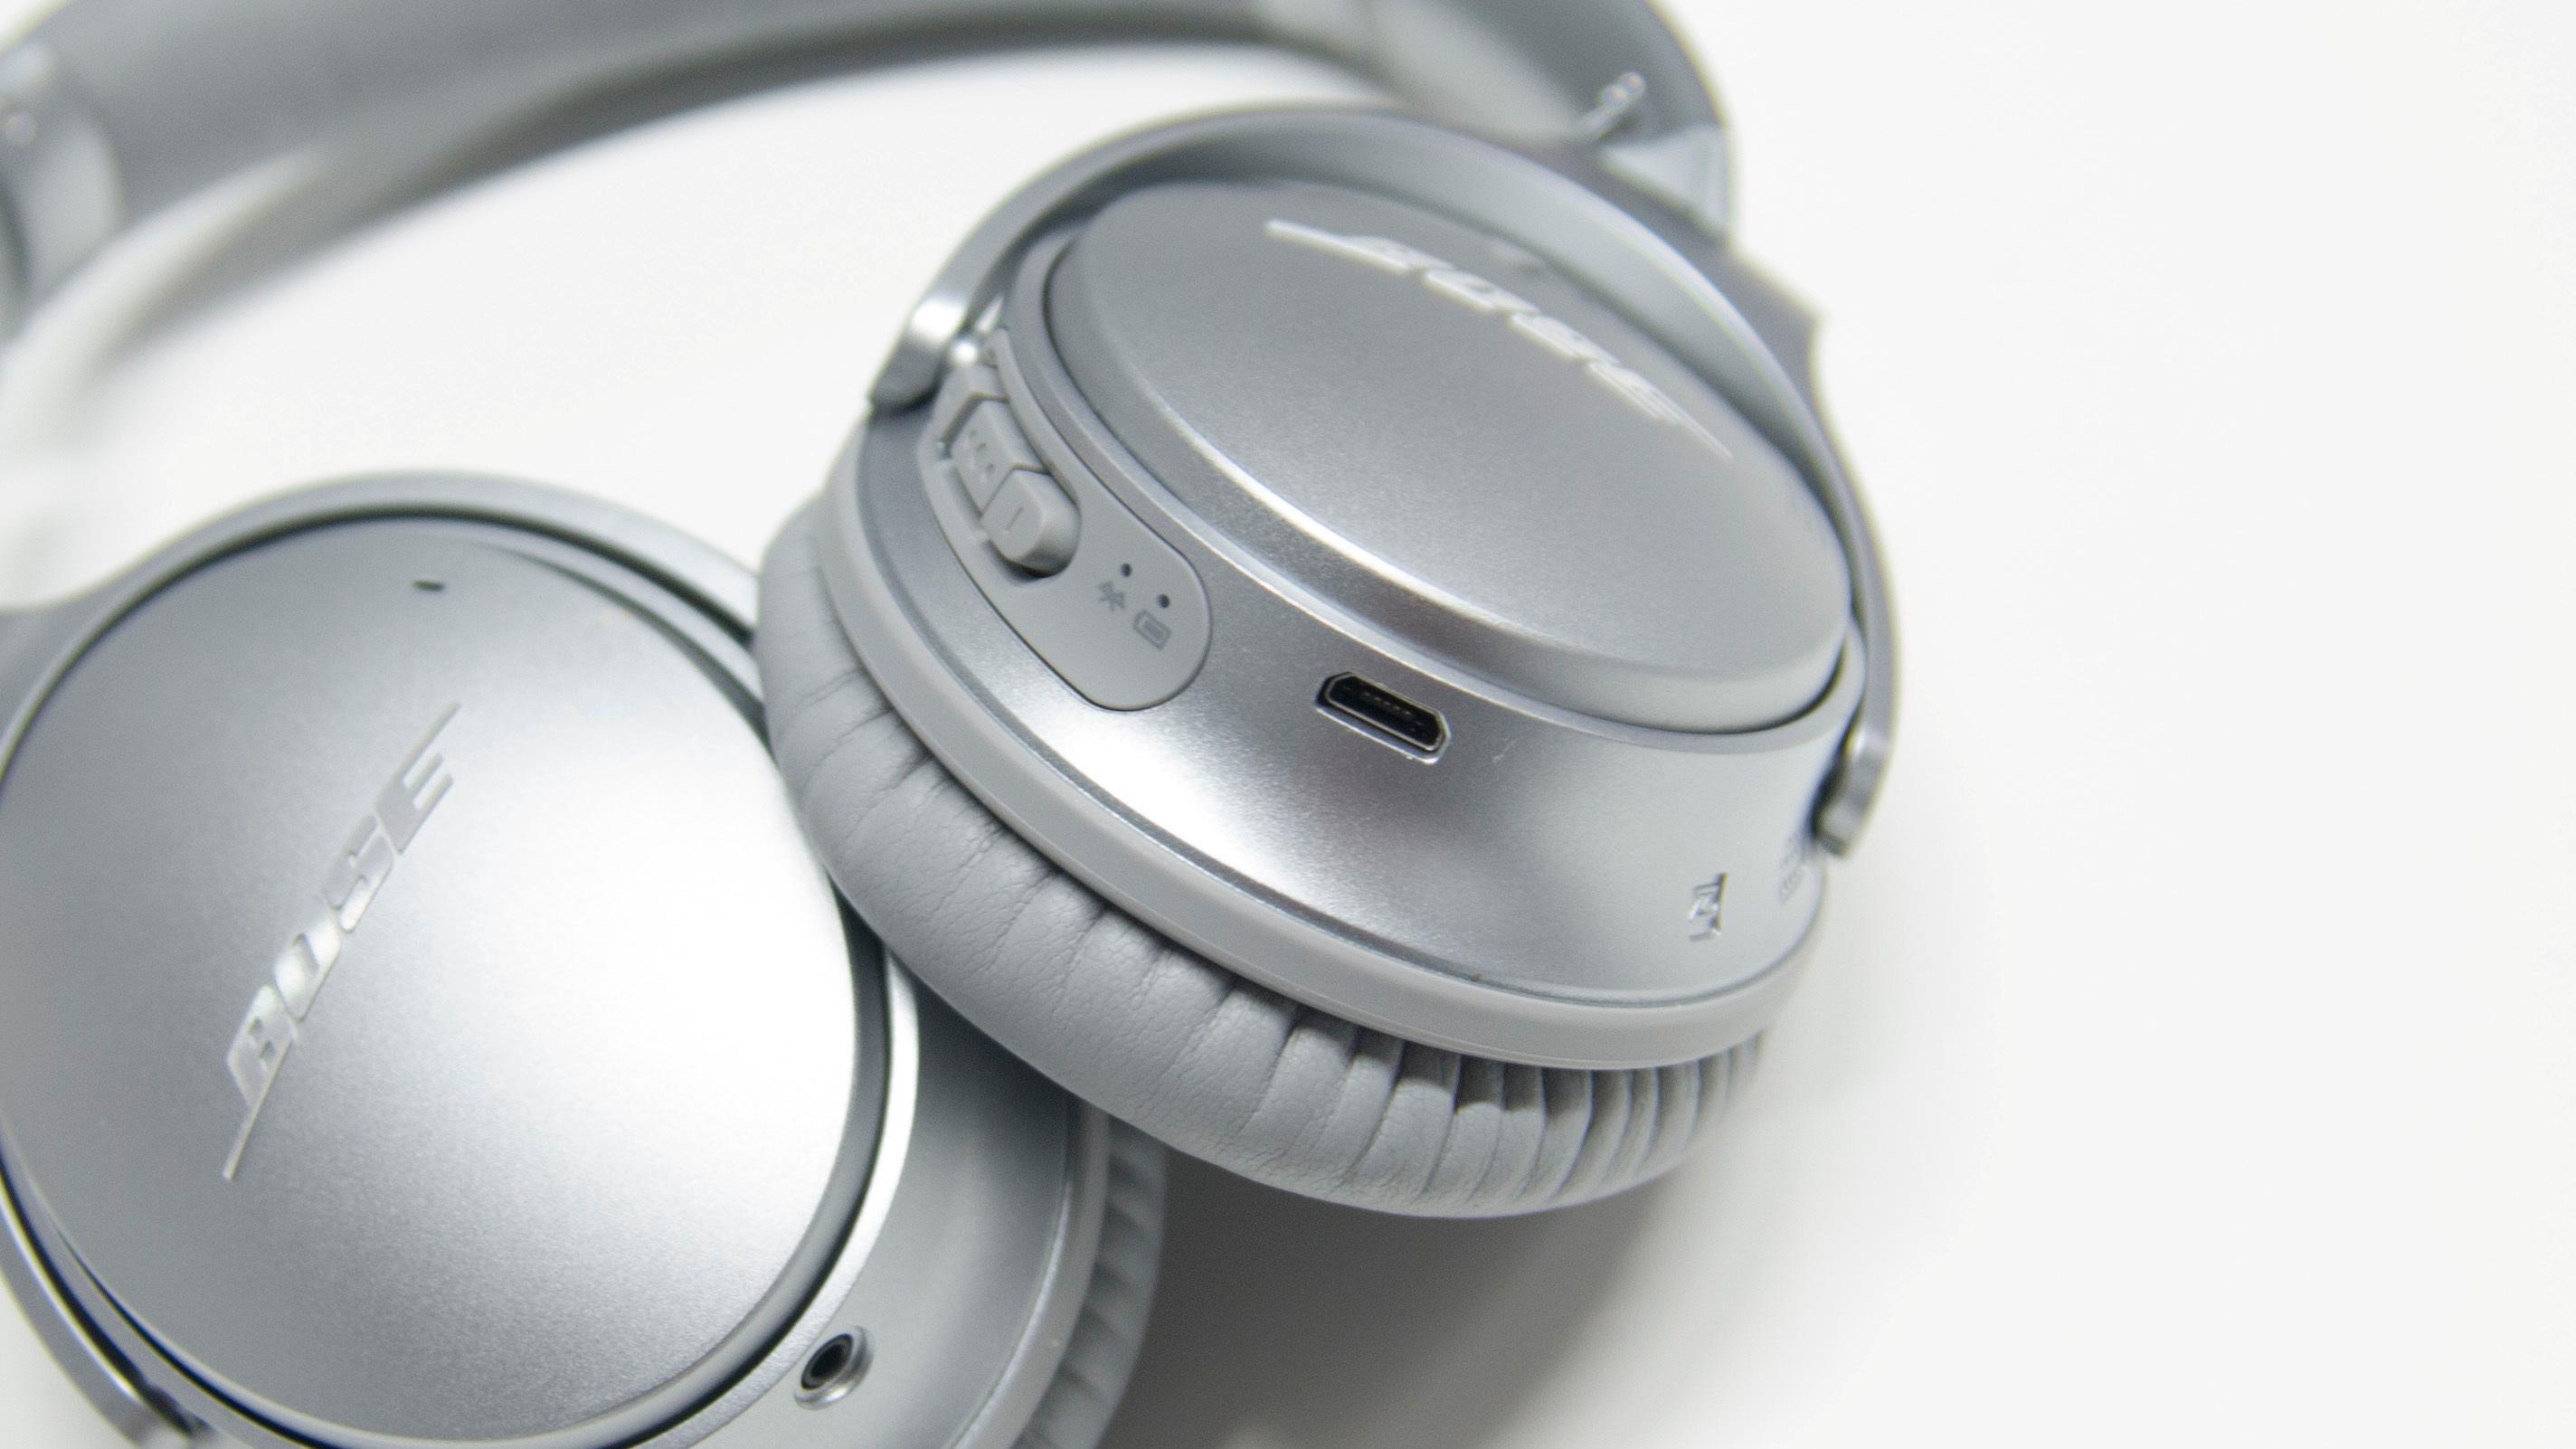 Brukerne raste mot støydempingen i Bose QC35. Bose konkluderer: Ingenting er galt